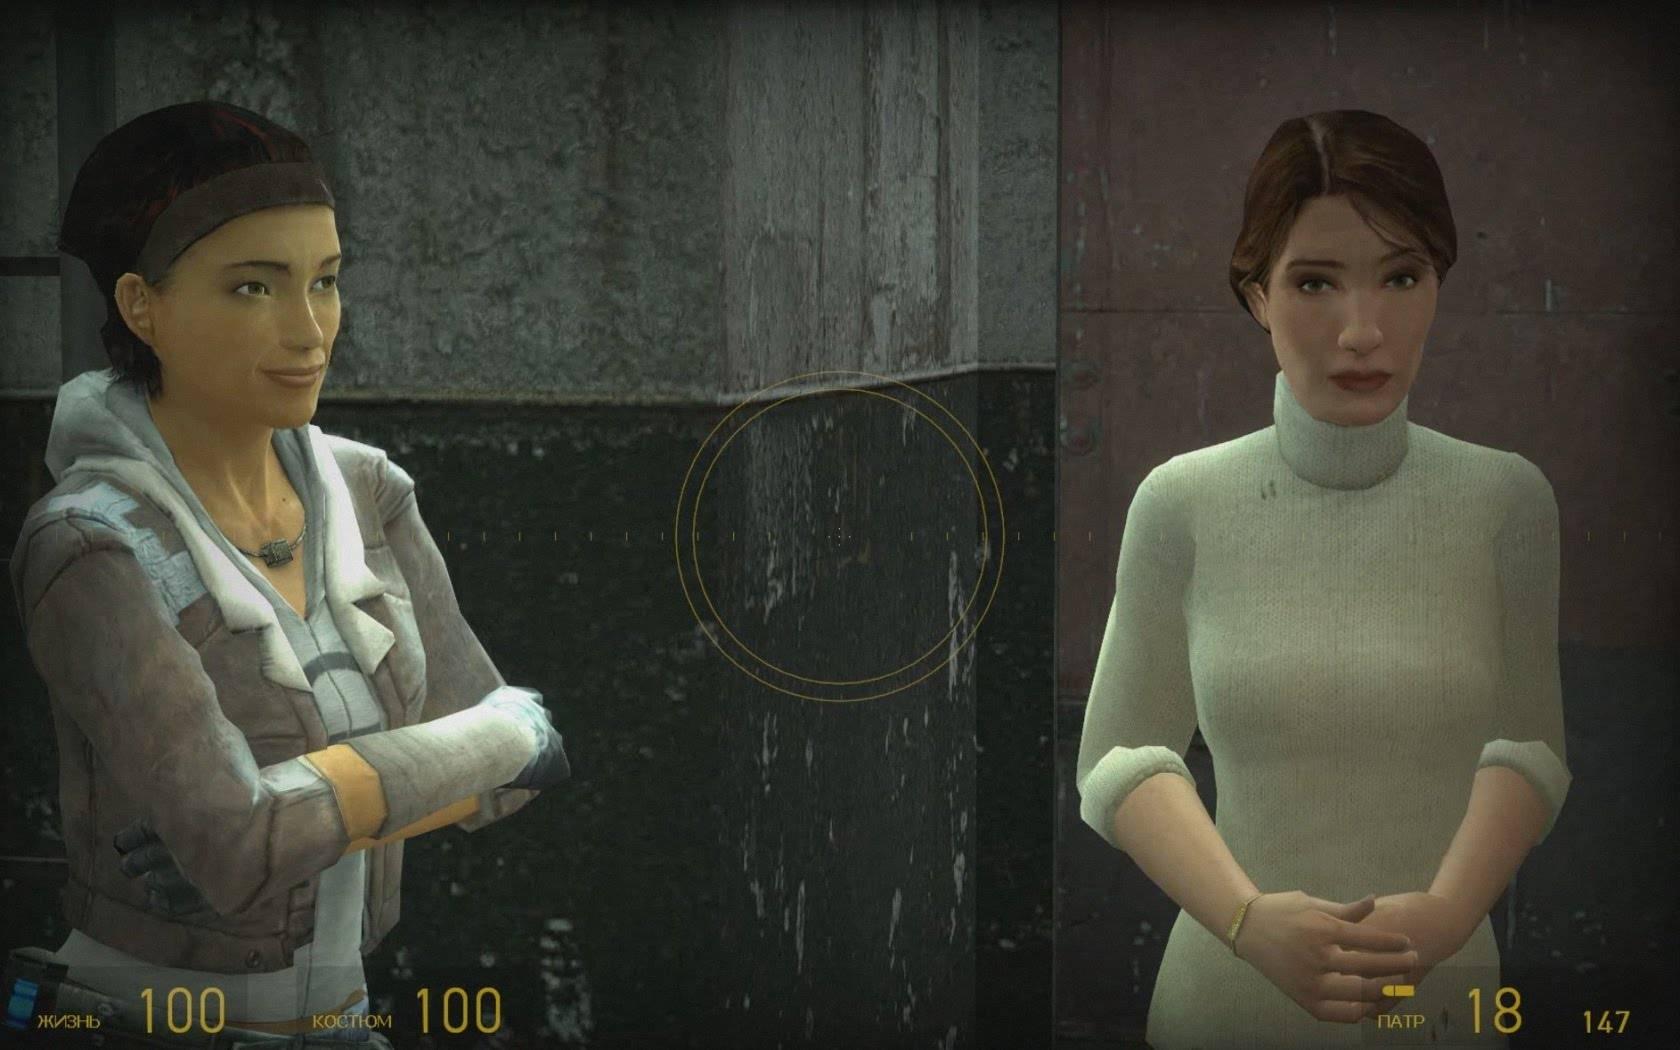 Сценарист серии Half-Life рассказал, каким мог быть сюжет следующей части 2